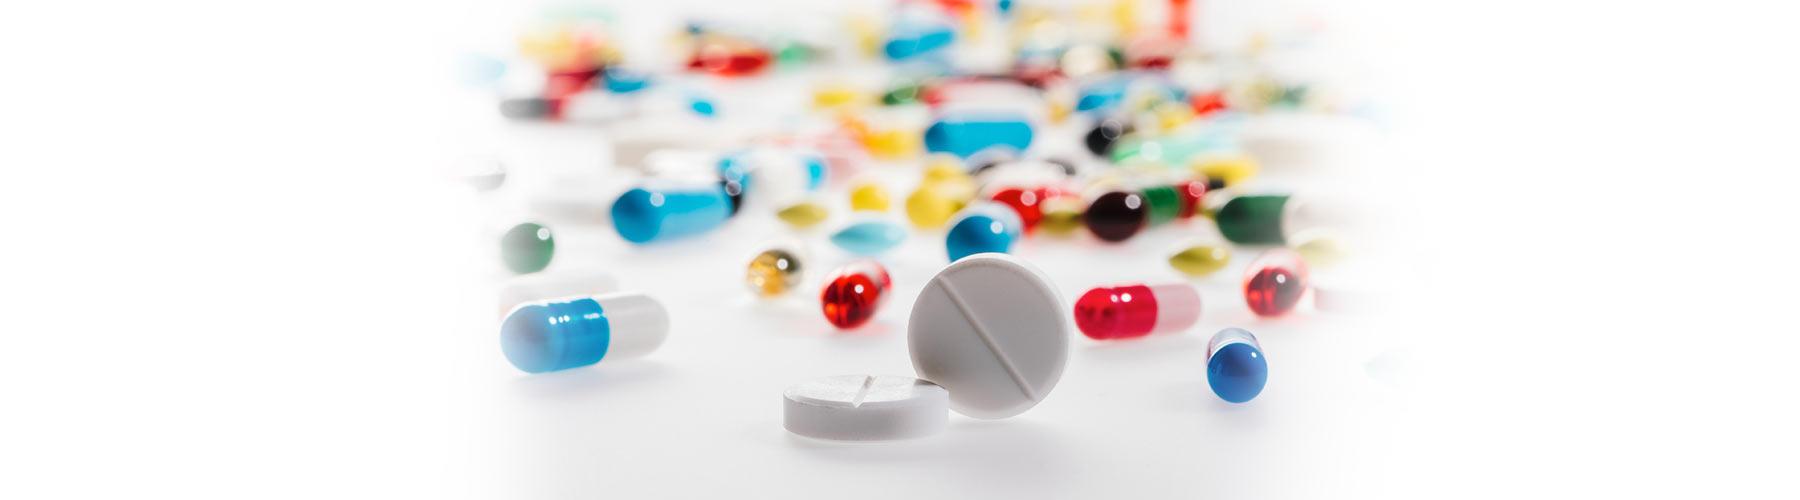 Tipos de productos sanitarios